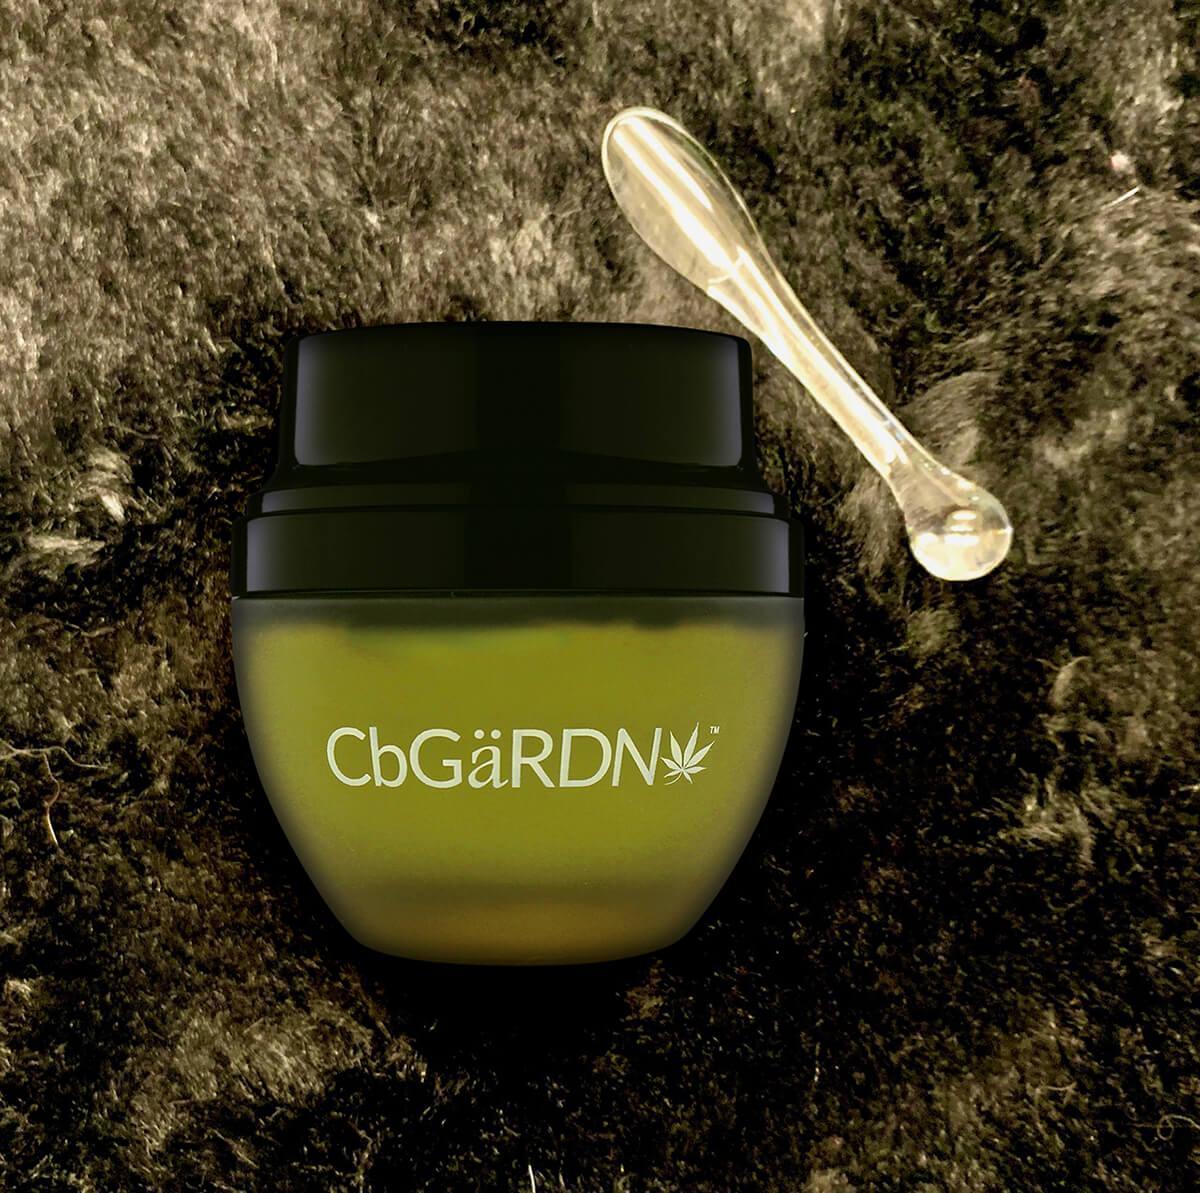 CbGaRDN cream and applicator